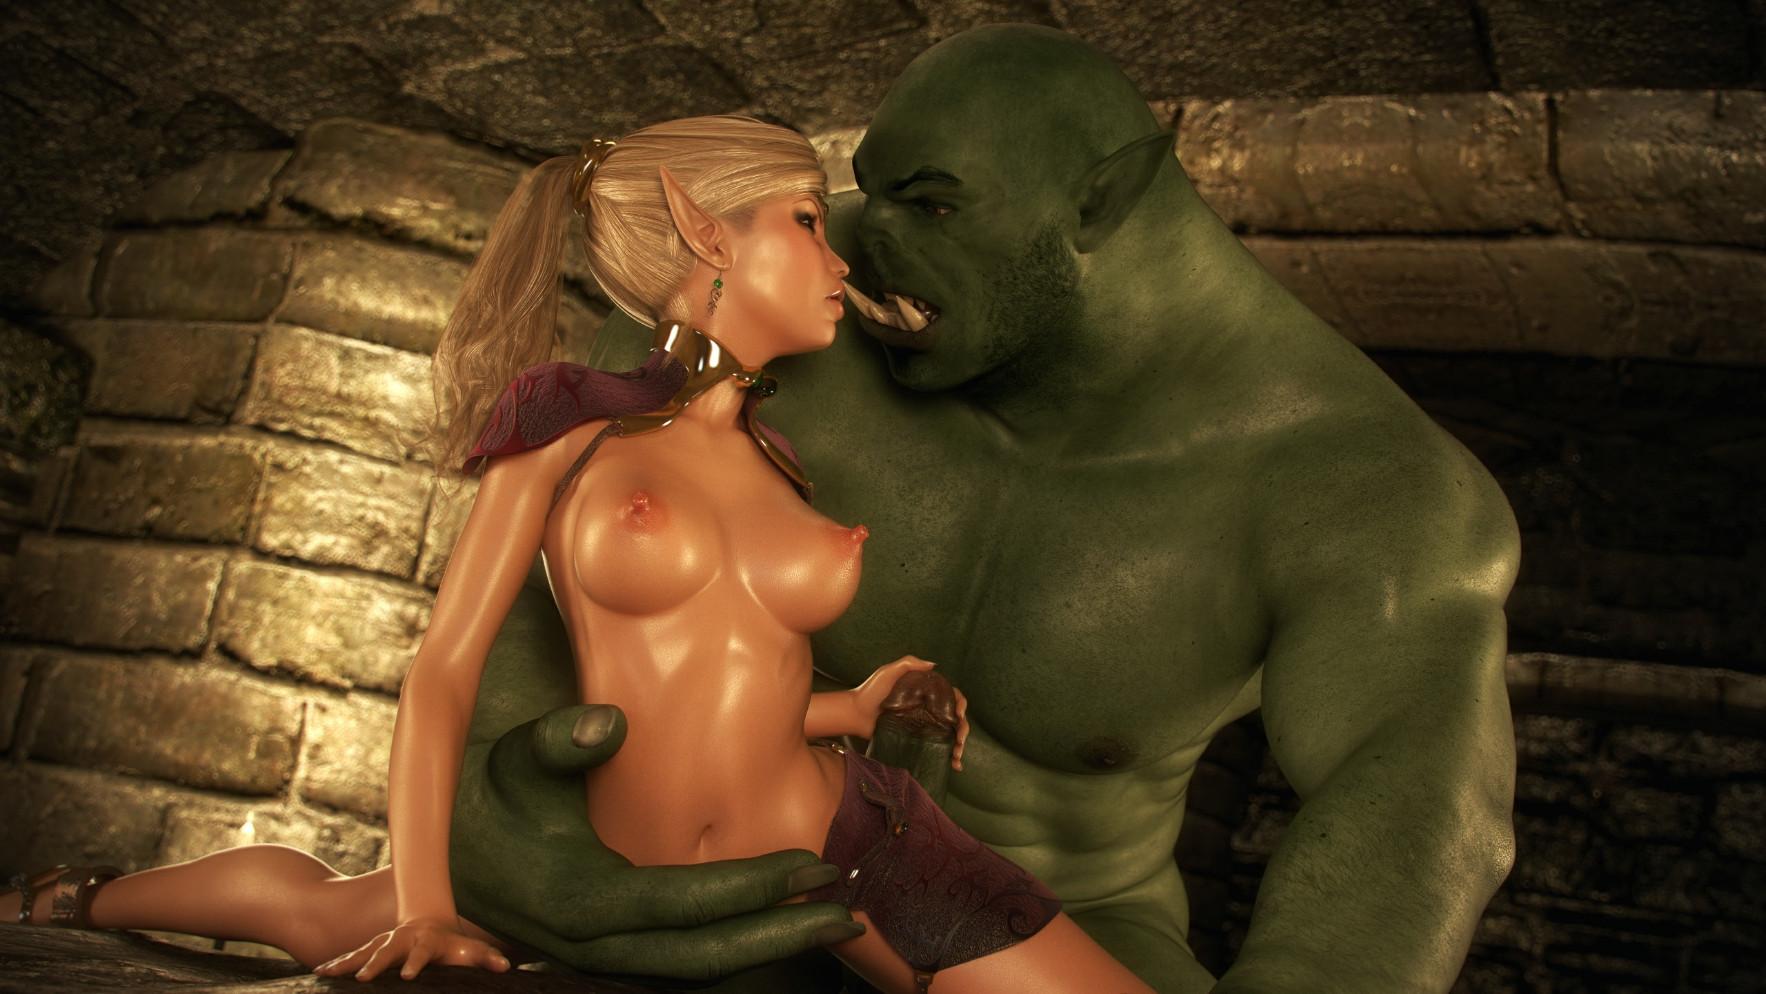 пещерах онлайн в порно